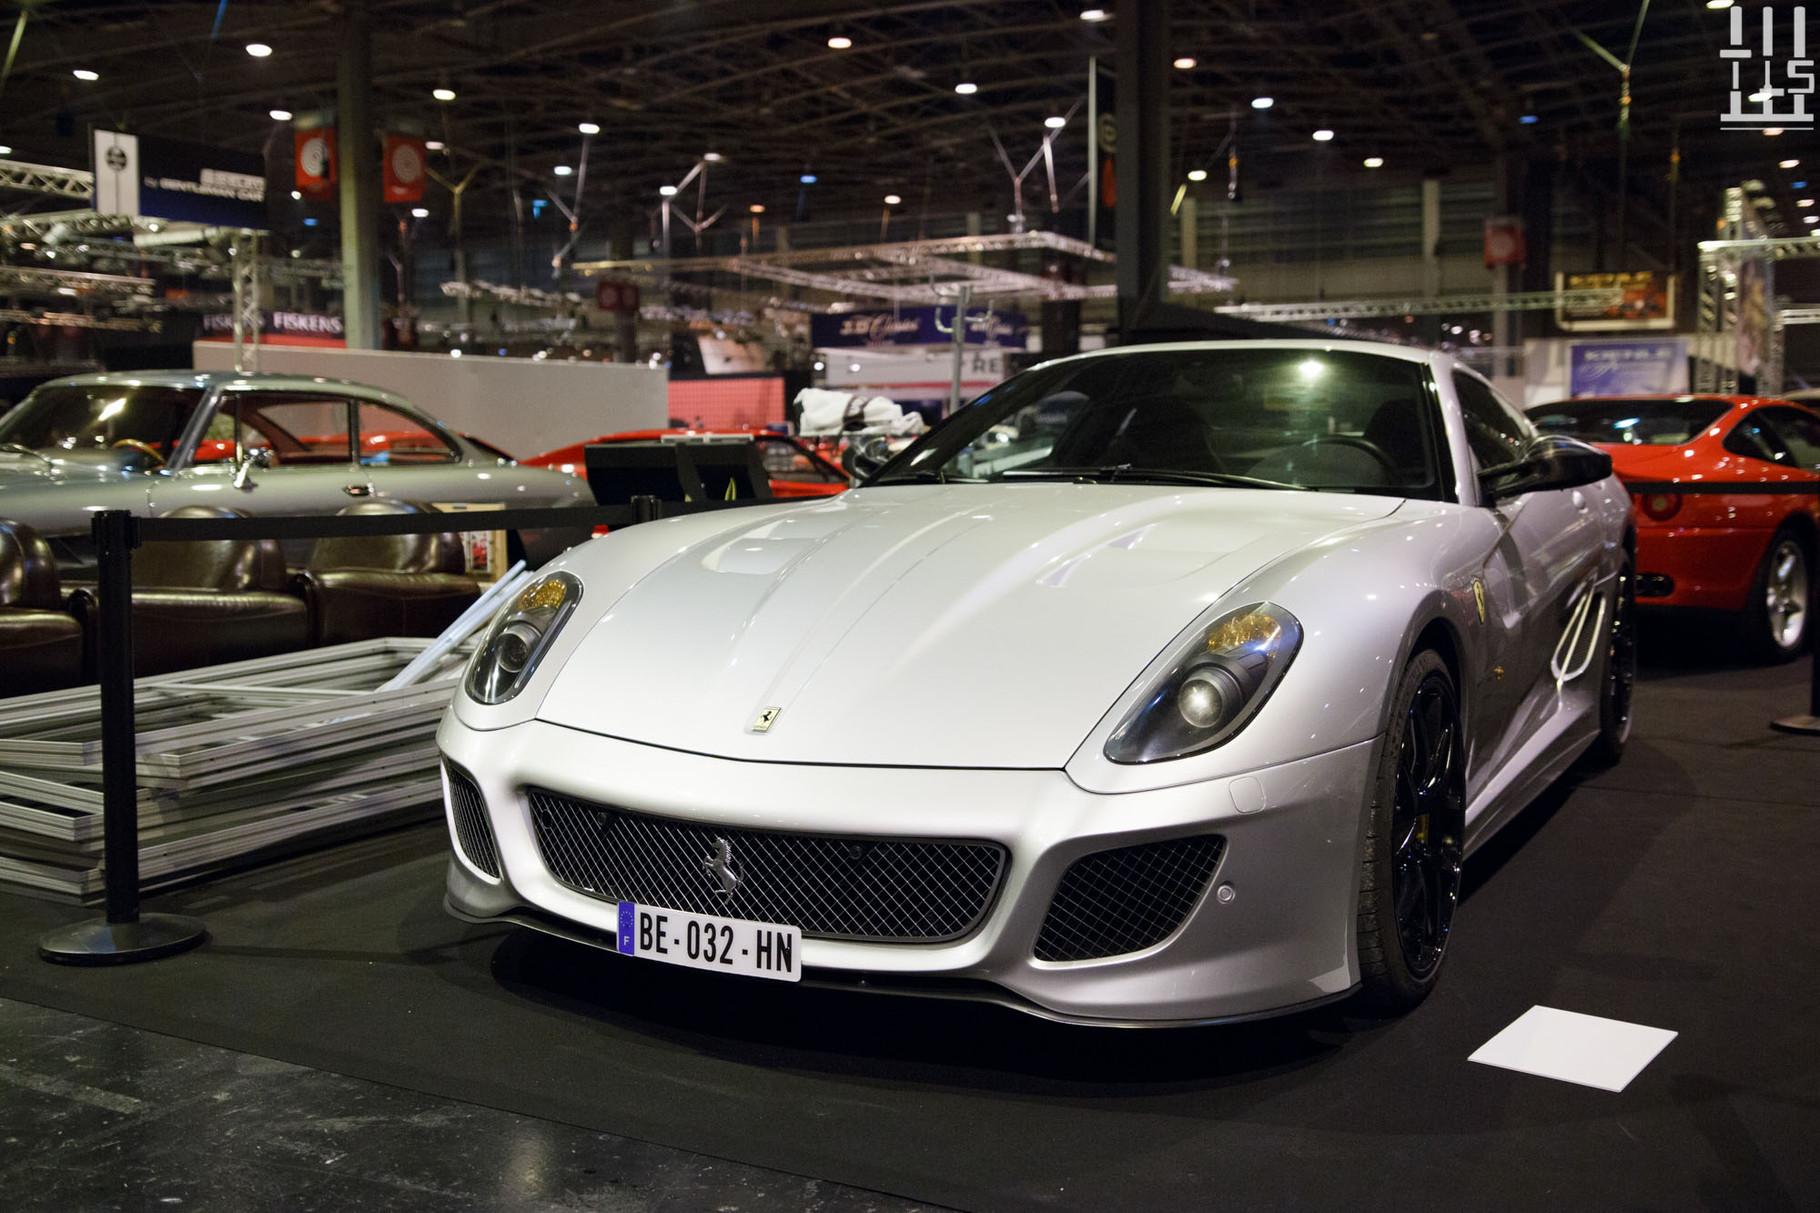 Une superbe Ferrari 599 GTO !